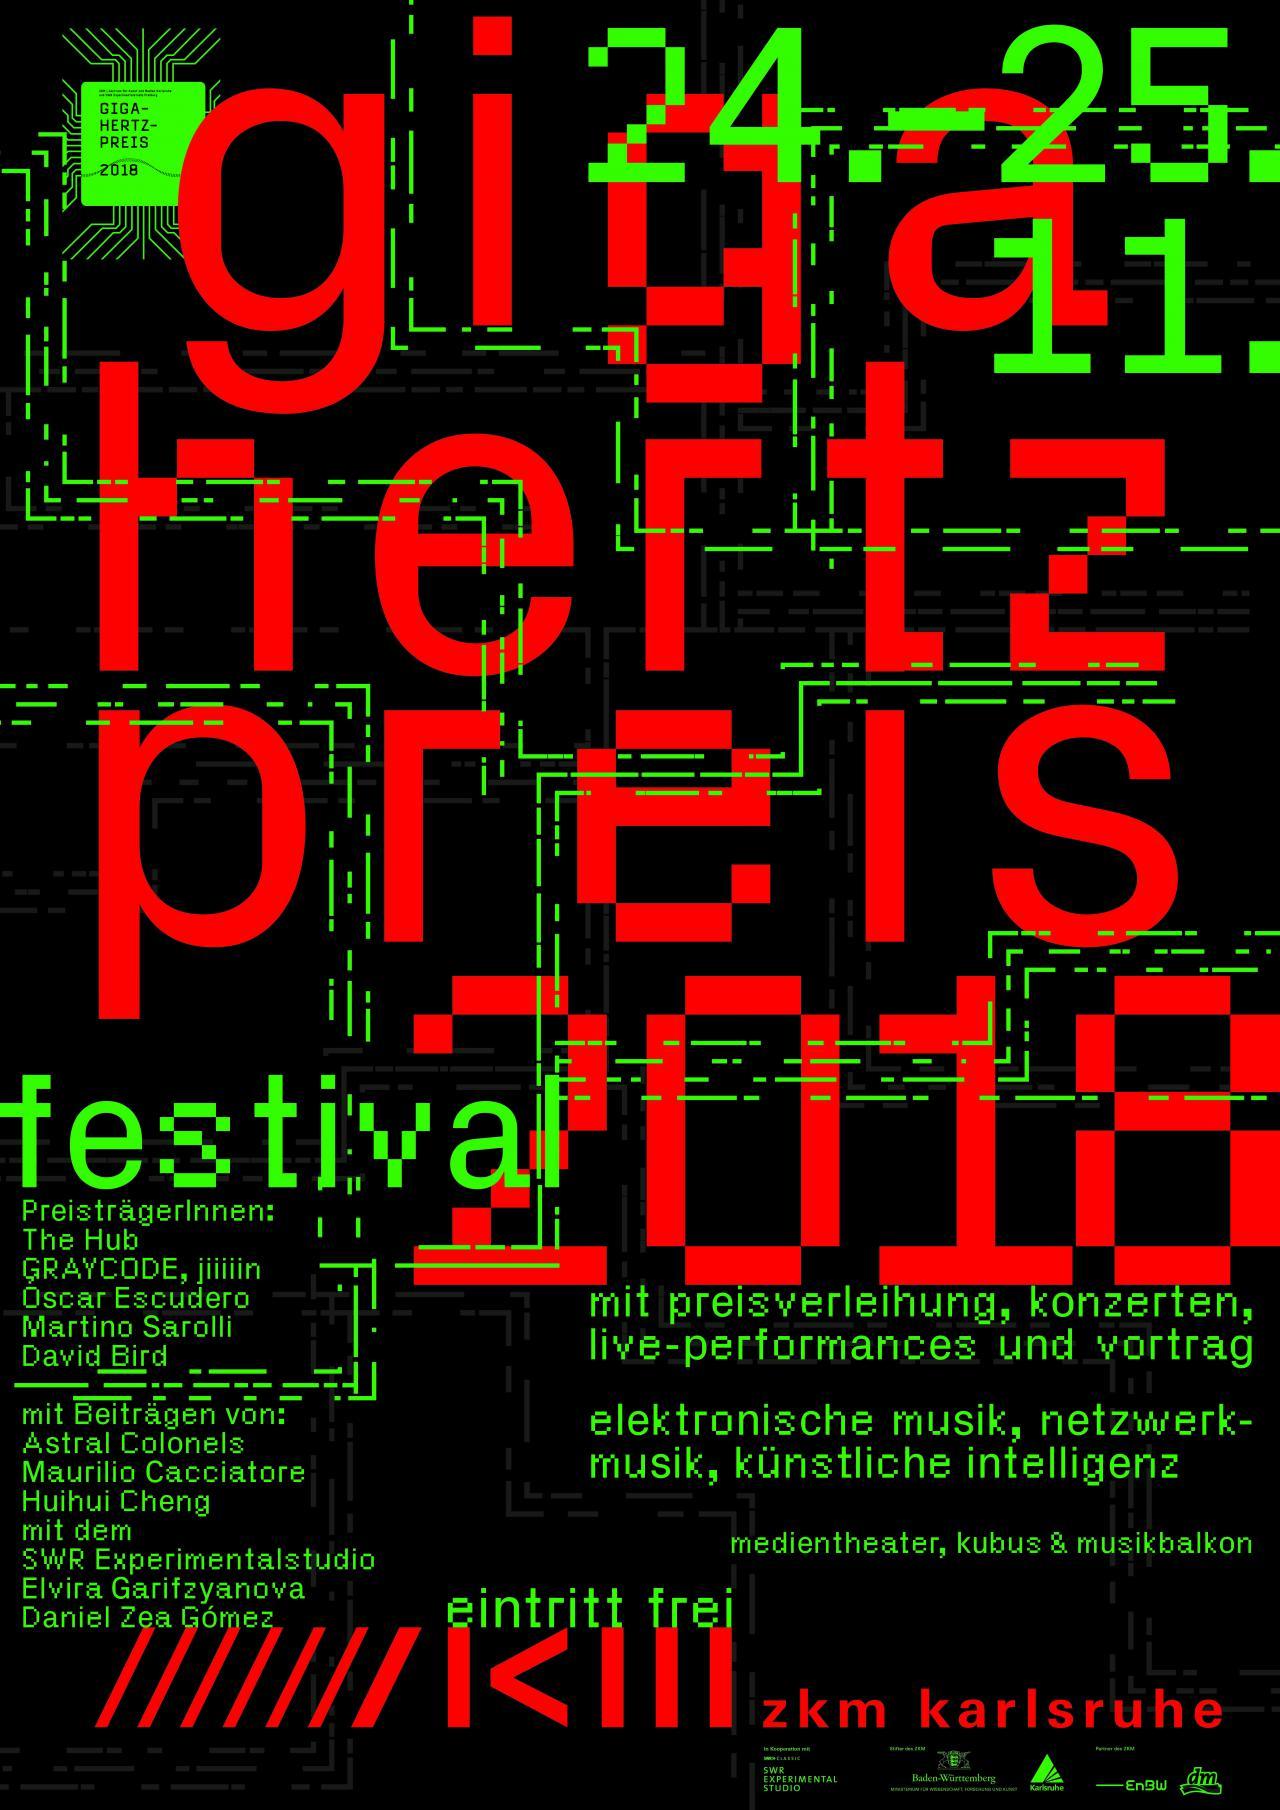 Plakat des Giga-Hertz-Preis 2018 am ZKM   Karlsruhe